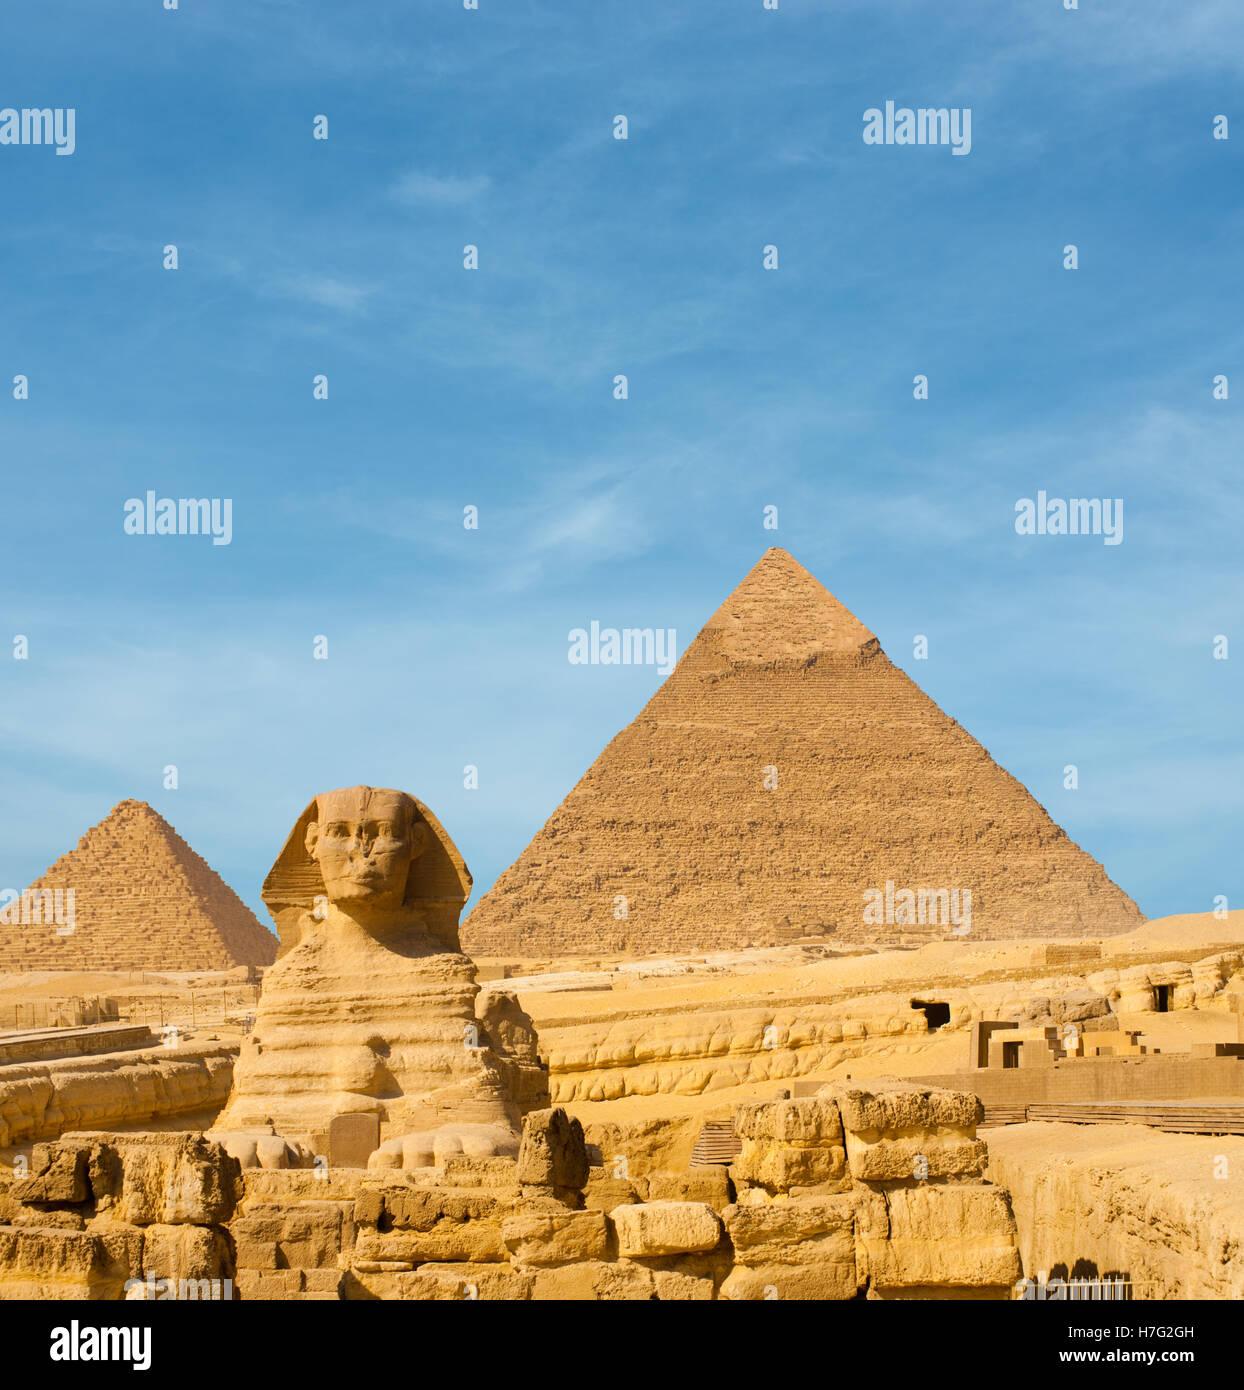 Al frente de la Esfinge y las grandes pirámides egipcias de Khafre, Menkaure ligeramente desplazada delante Imagen De Stock